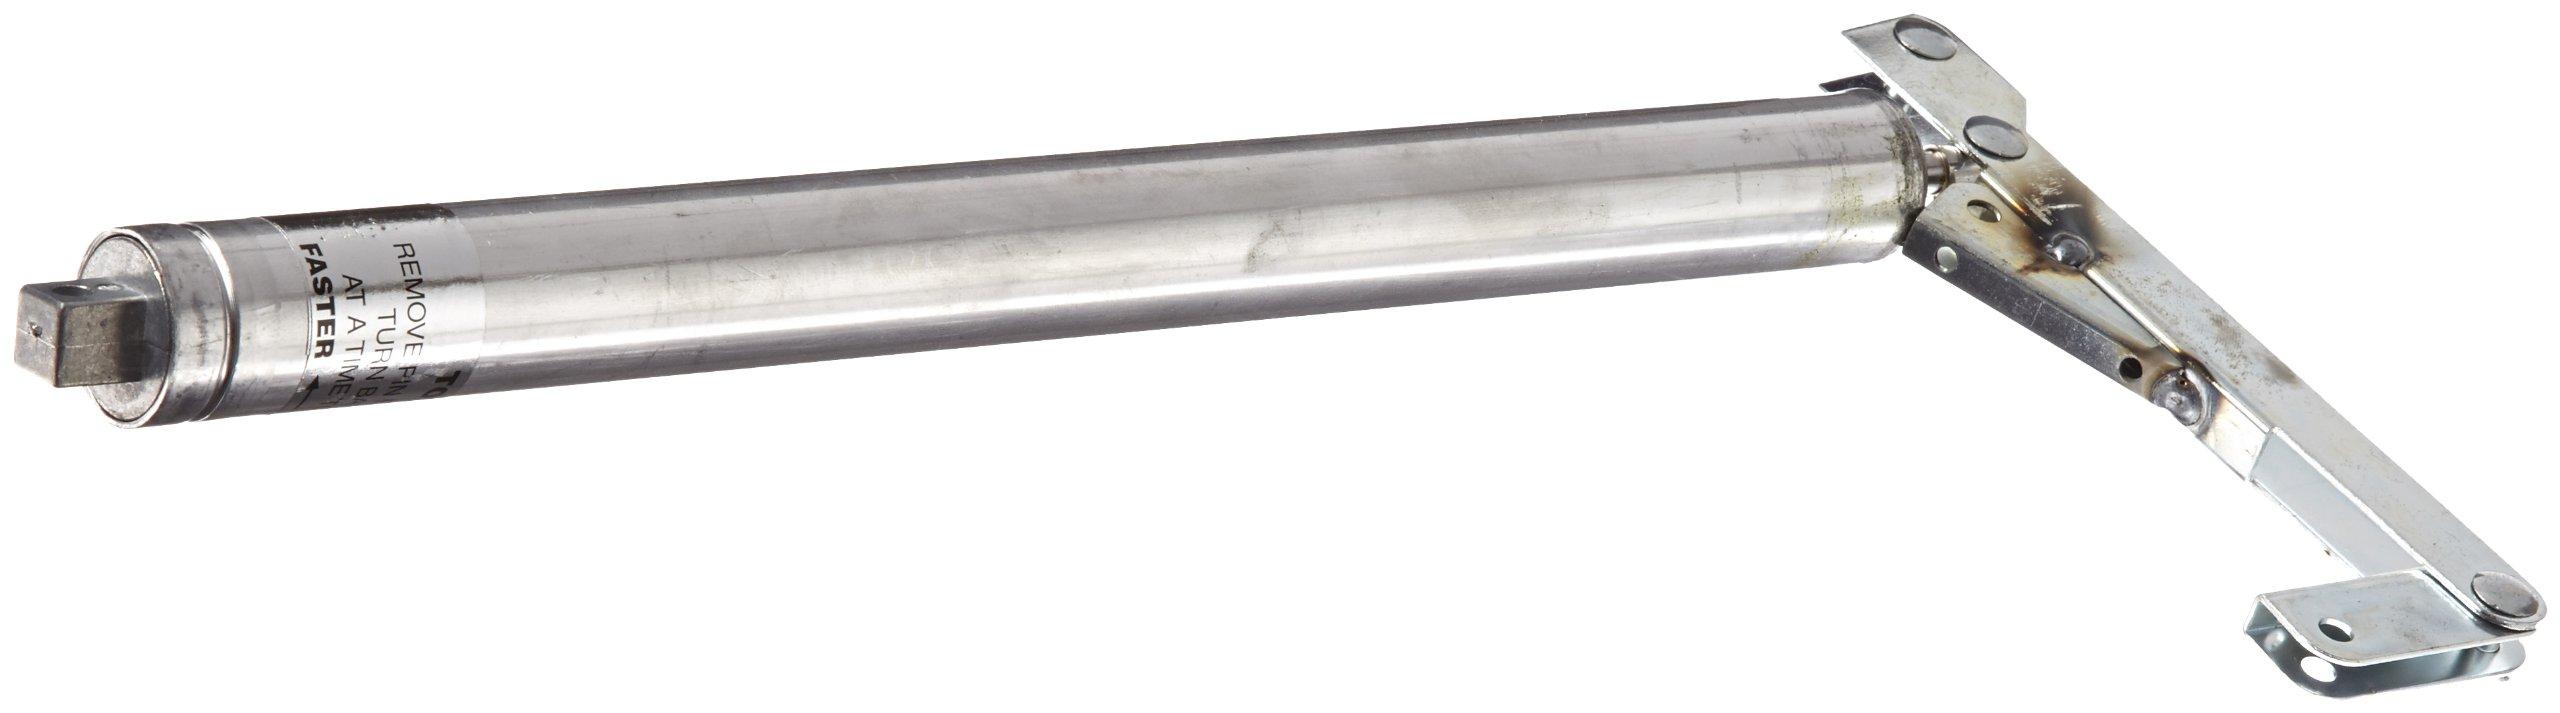 Justrite 29921 4 Gallon Cylinder Repair Kit